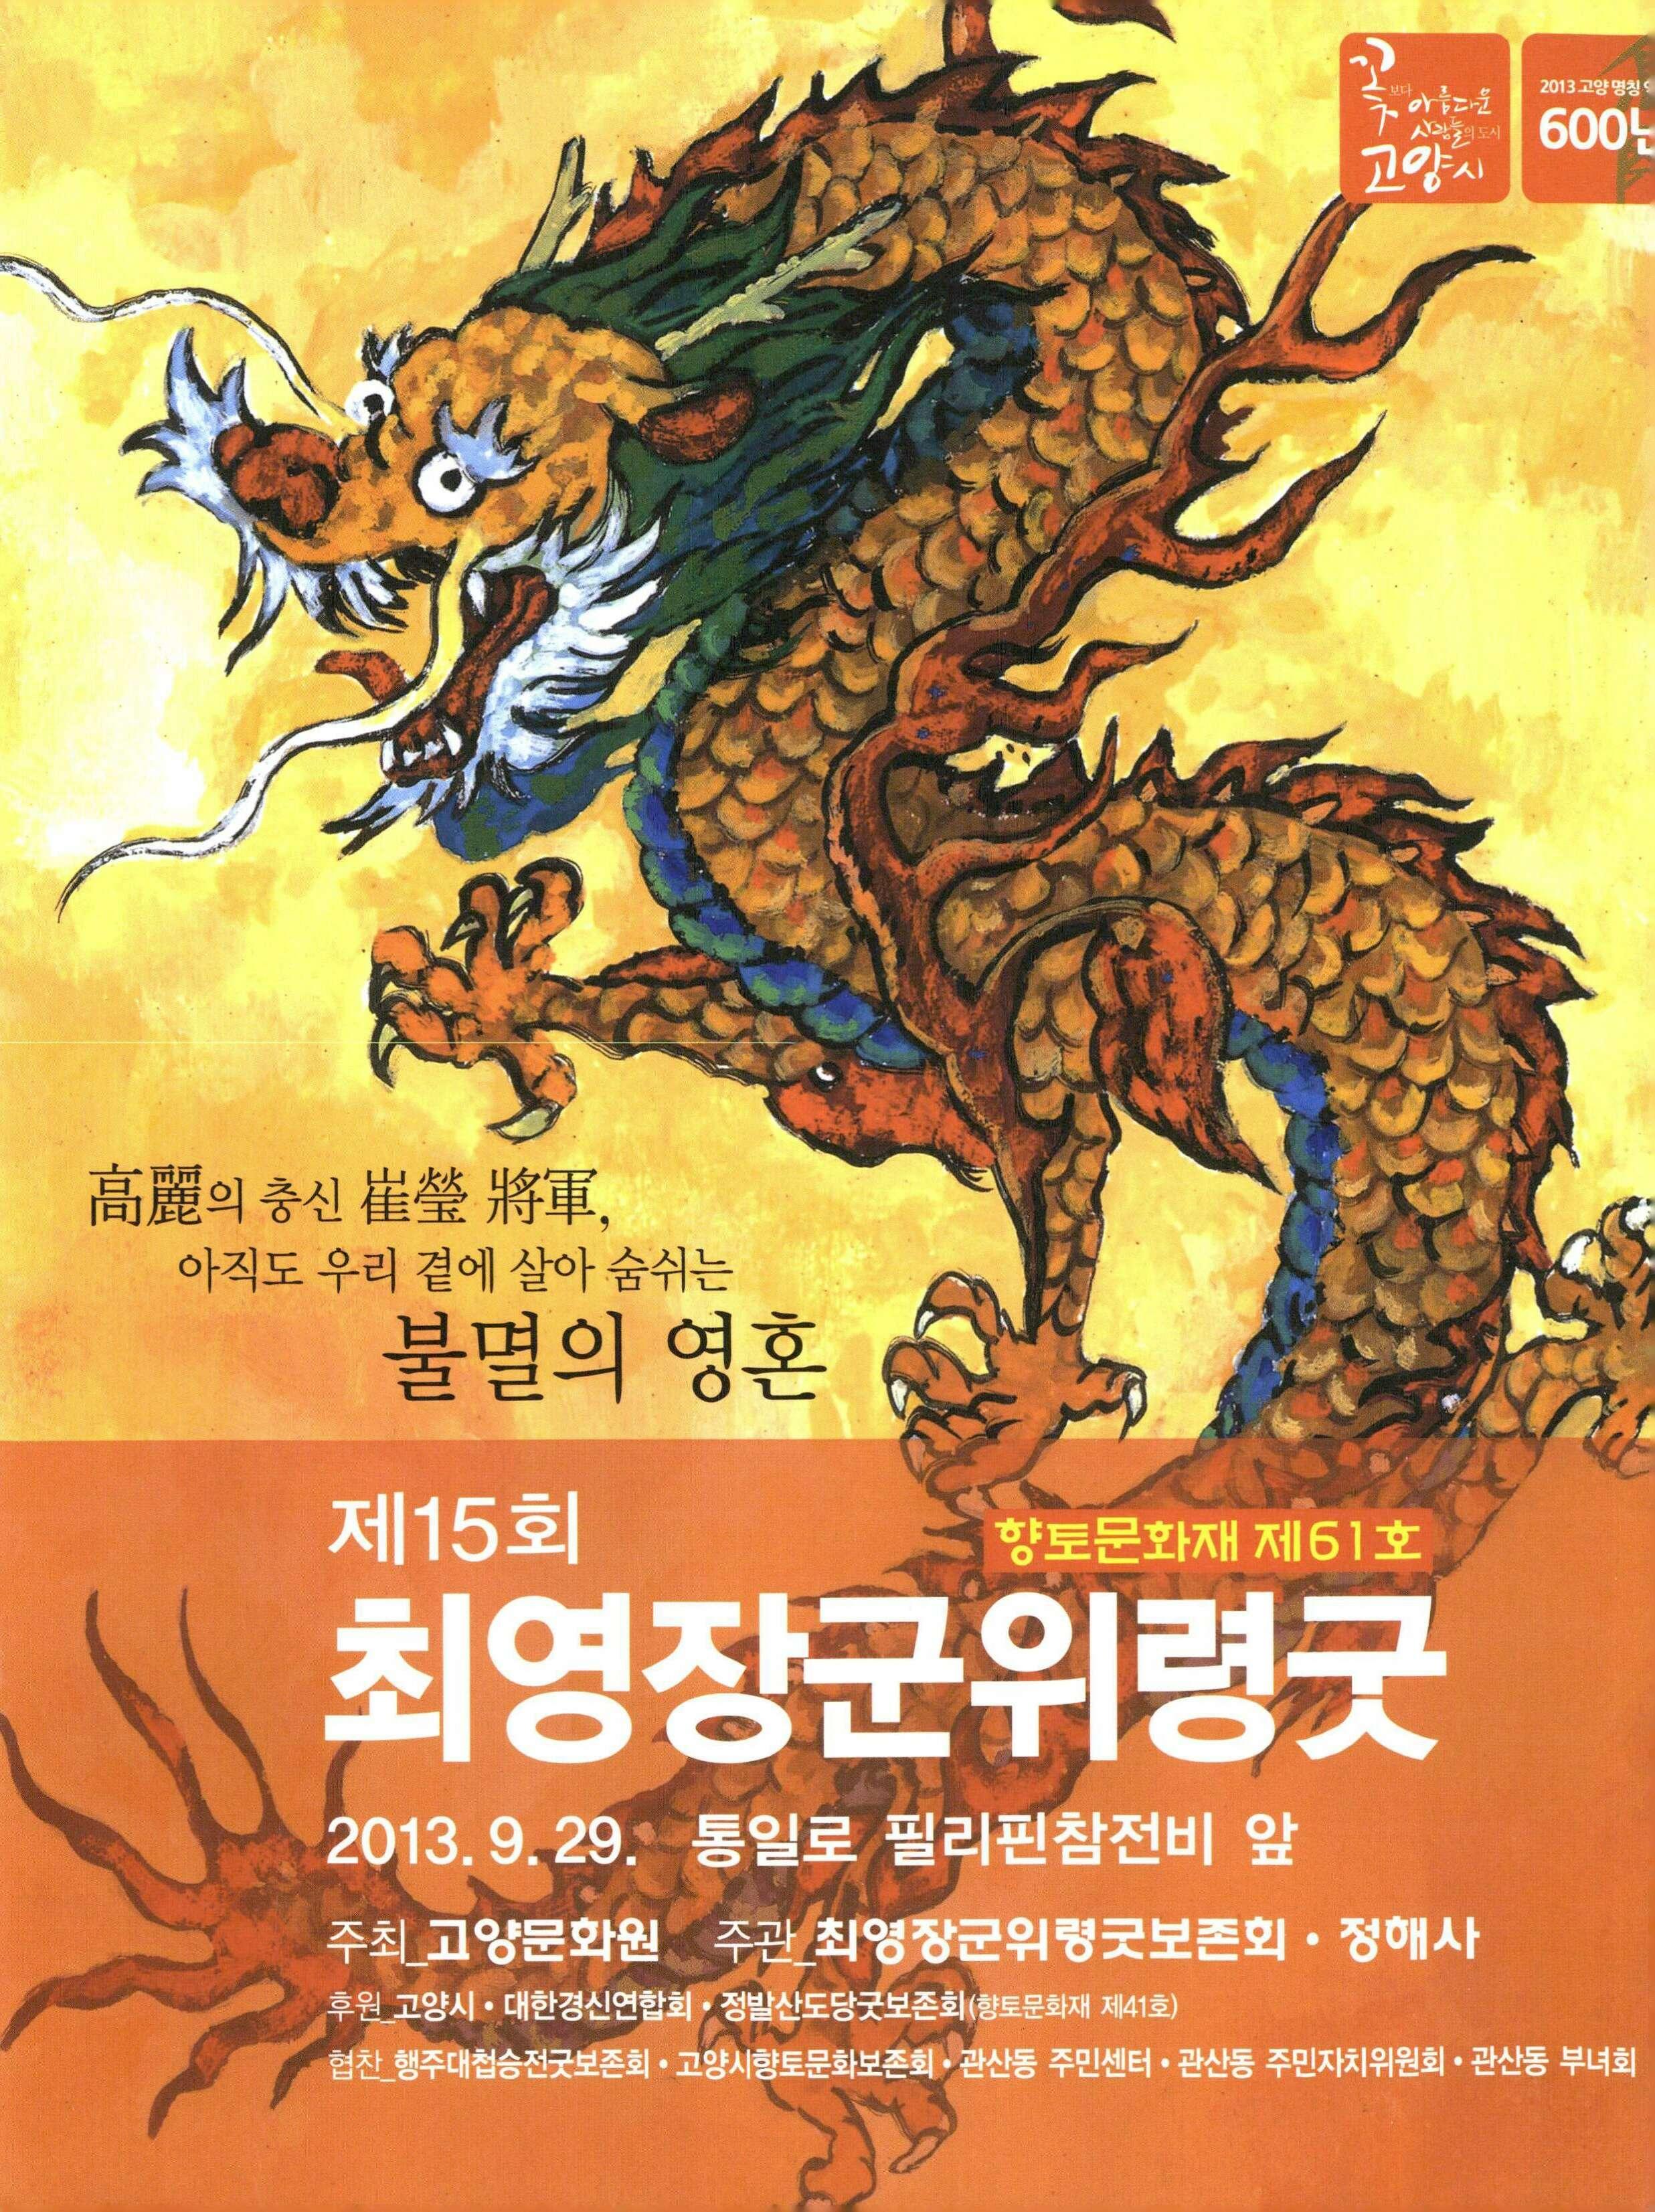 제15회 최영장군위령굿 향토문화재 제61호